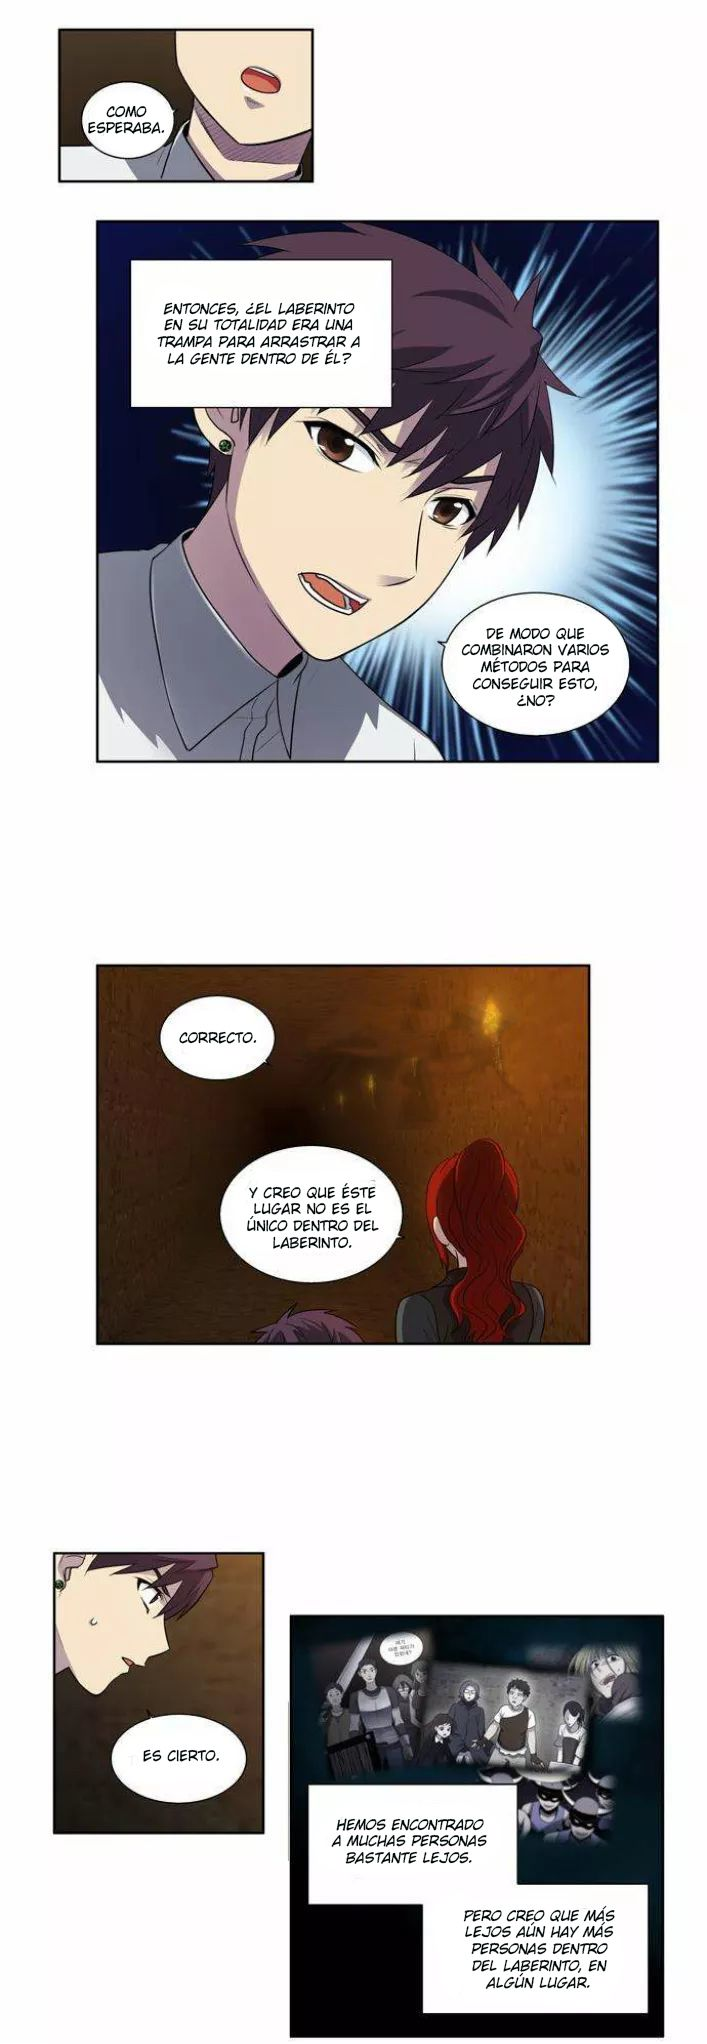 https://c5.ninemanga.com/es_manga/61/1725/485892/21fb6e8345fe6db0c1b7bc9ccb4a9bff.jpg Page 5